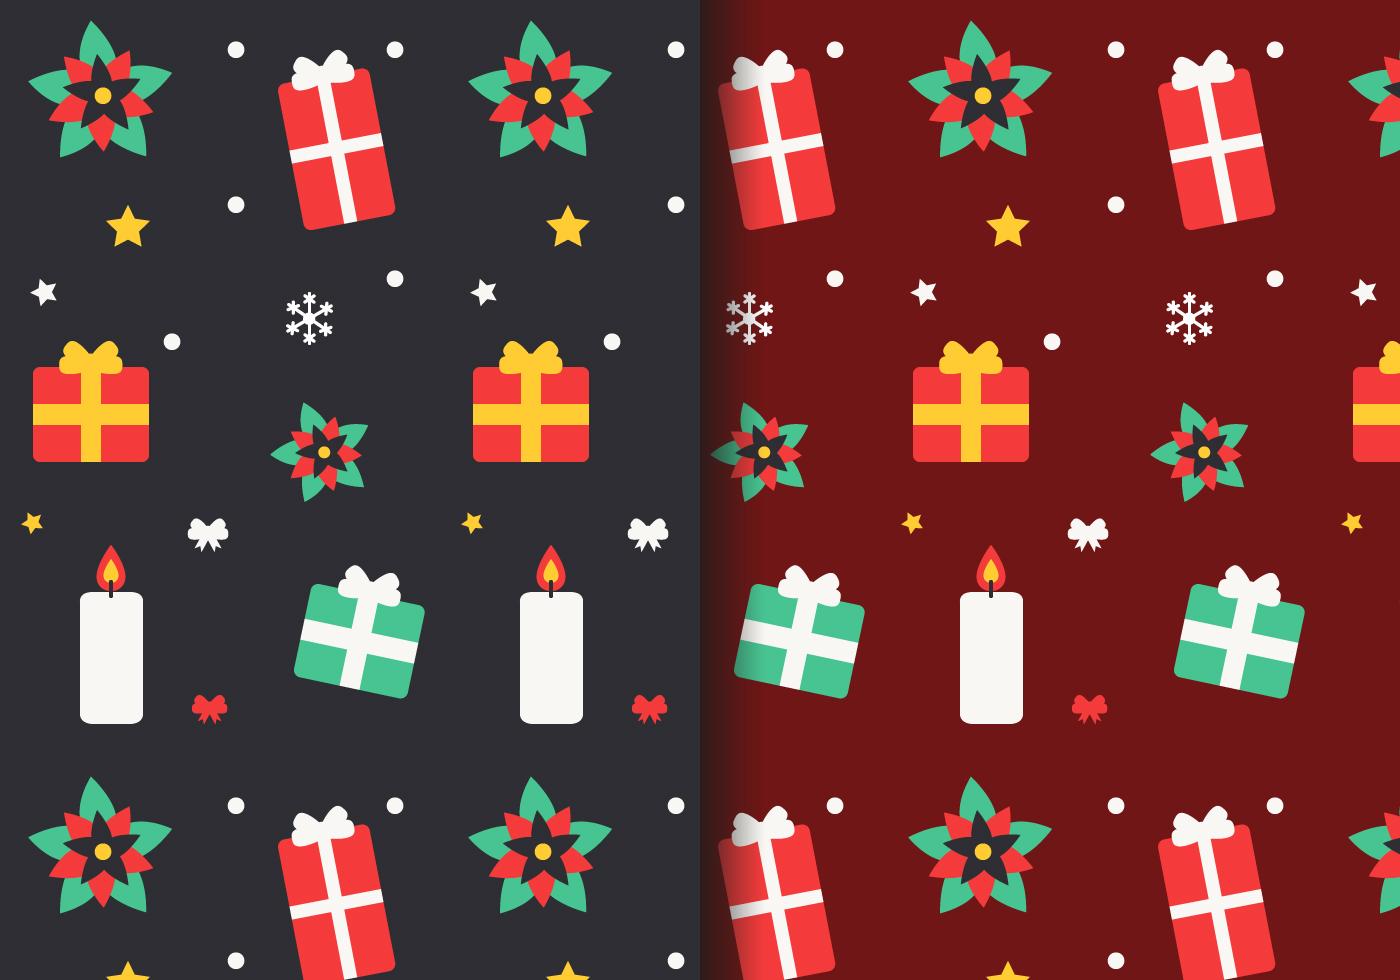 聖誕插圖 免費下載 | 天天瘋後製